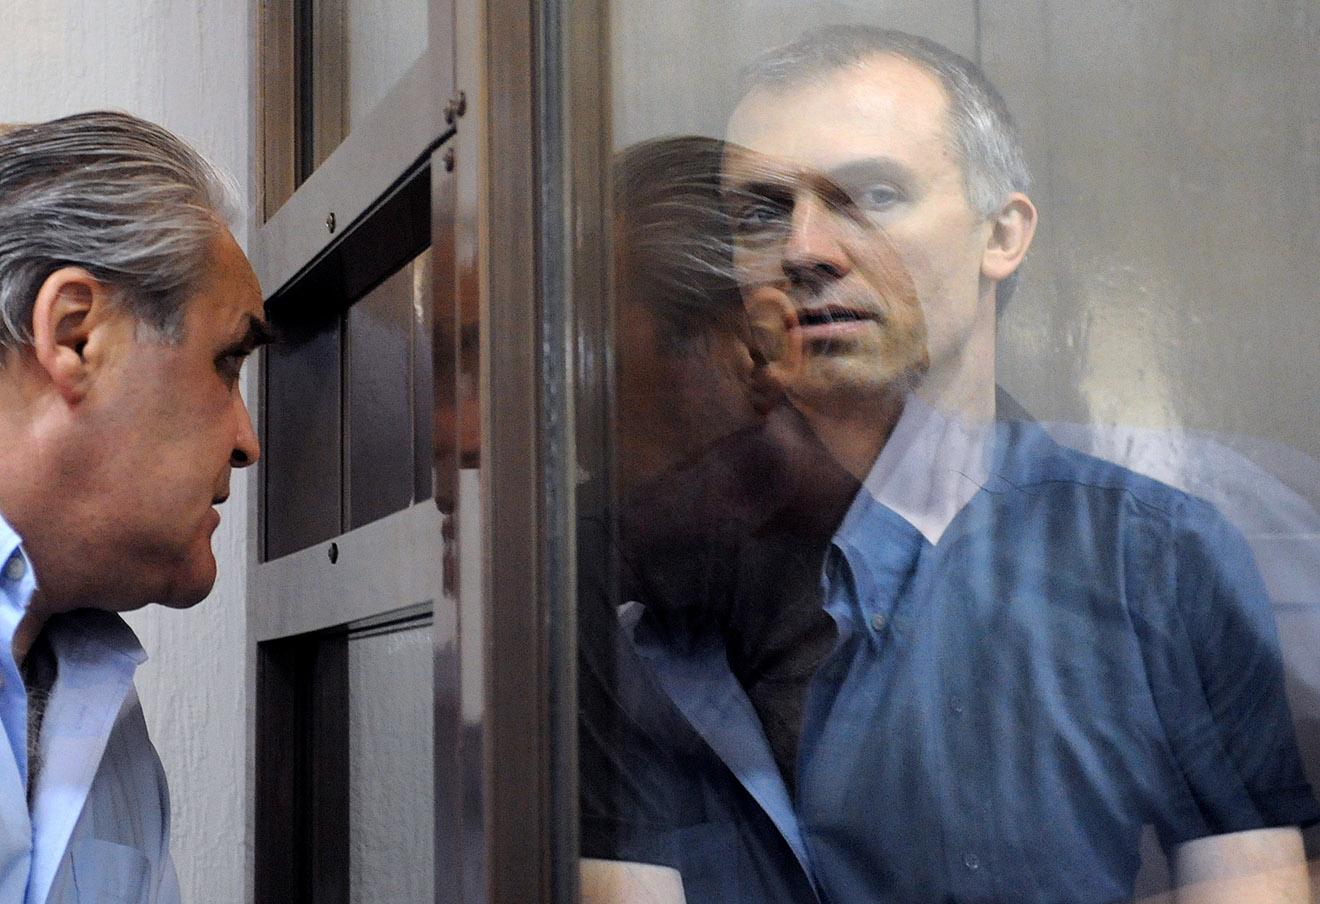 Дмитрий Довгий. Фото: Алексей Филиппов / ТАСС / Архив